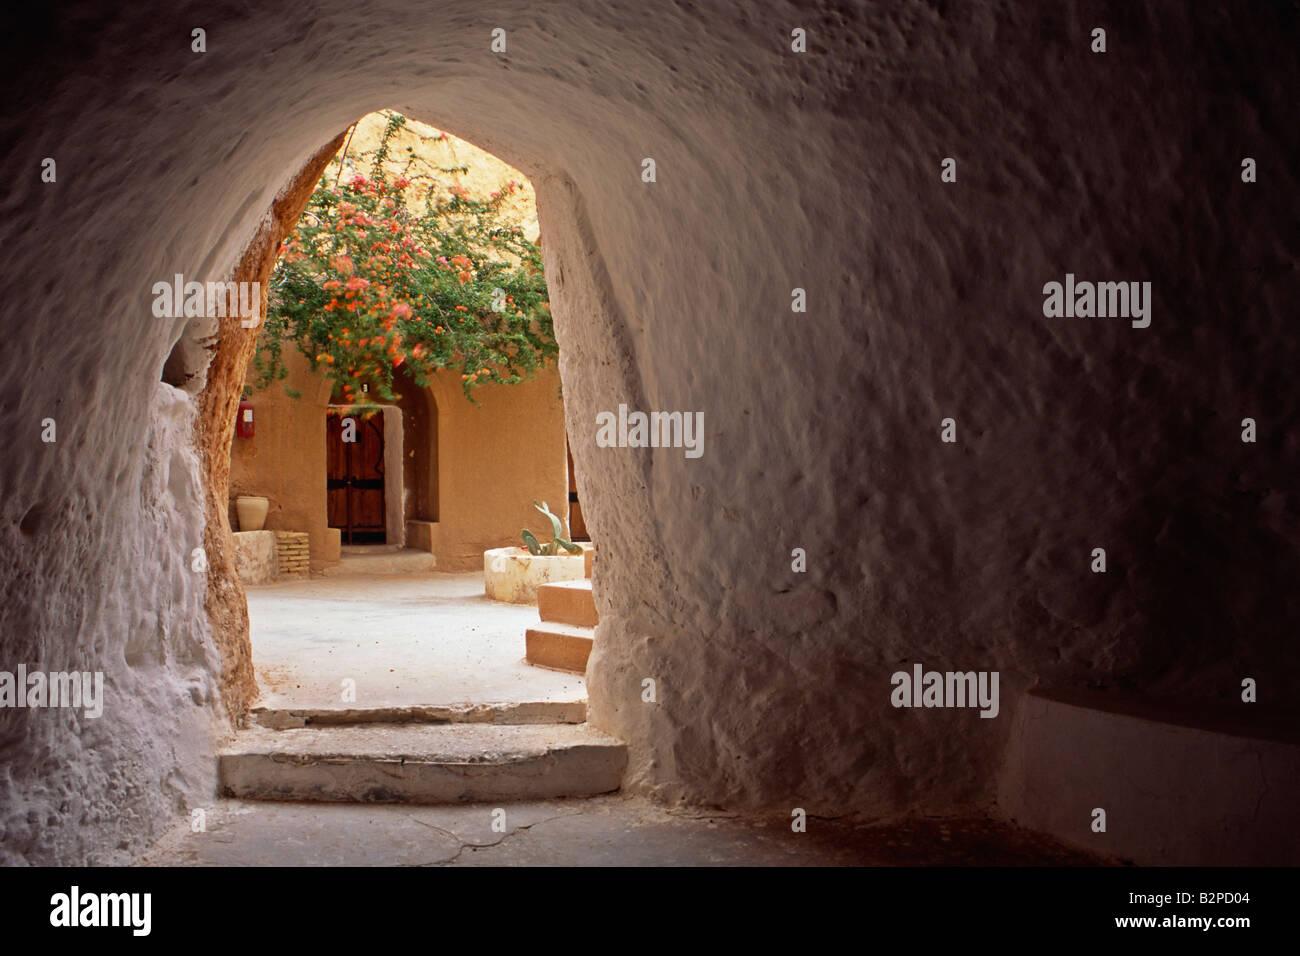 Interno della grotta hotel a Matmata in Tunisia. L'hotel è stato usato come un'impostazione nel 1977 Immagini Stock